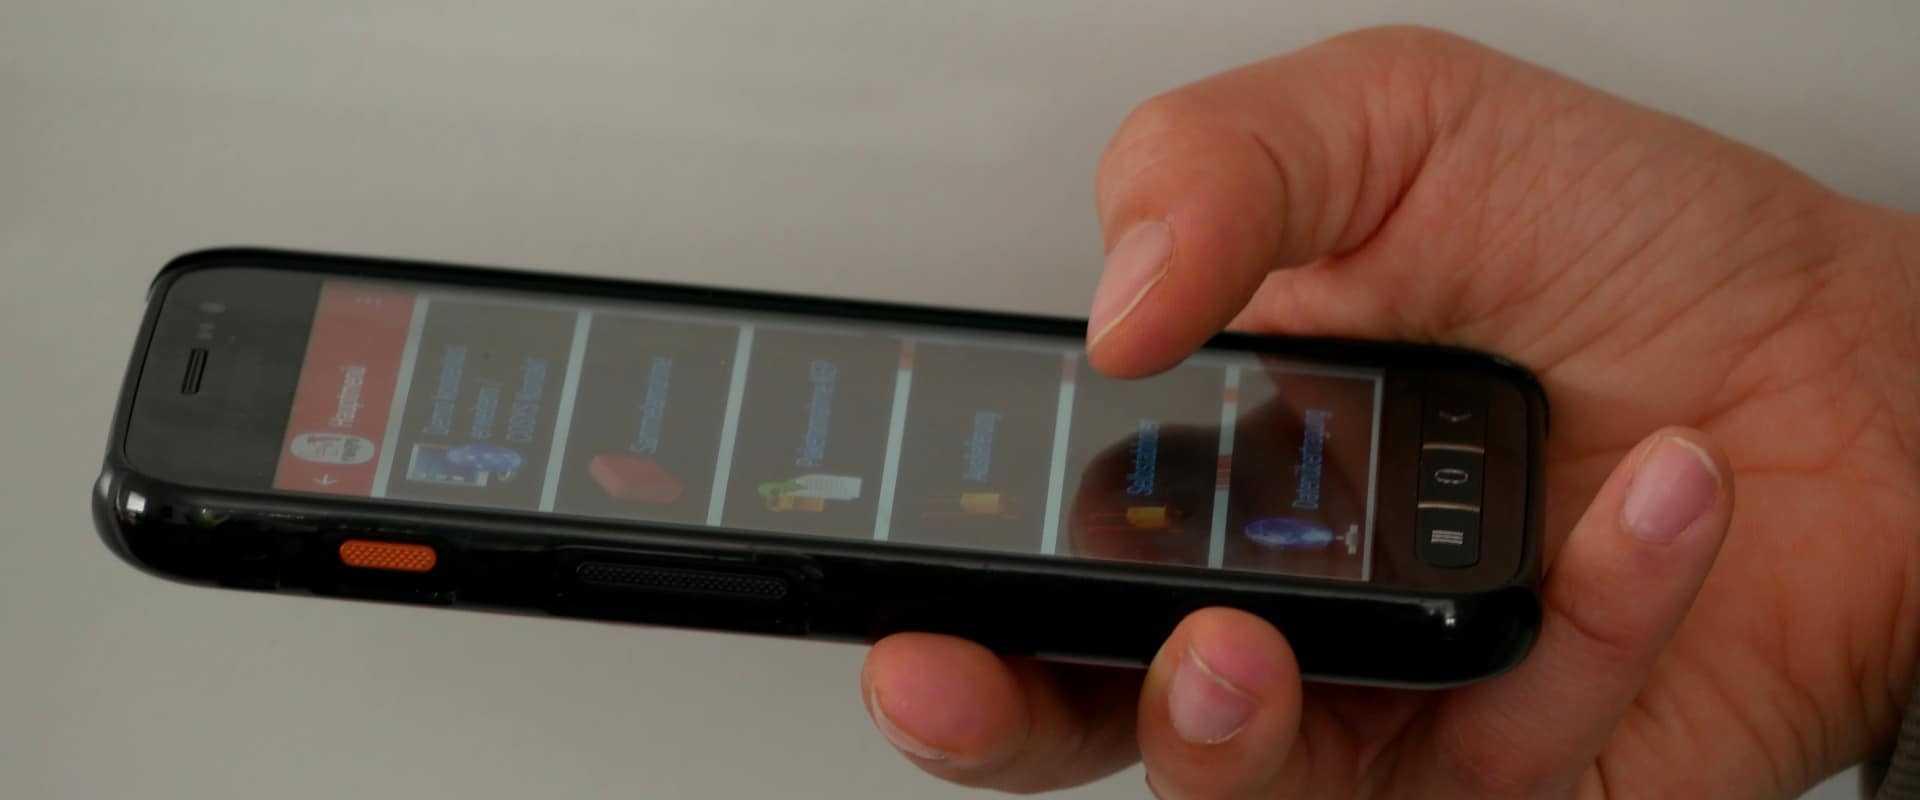 Mobile App für Android und iOS Geräte